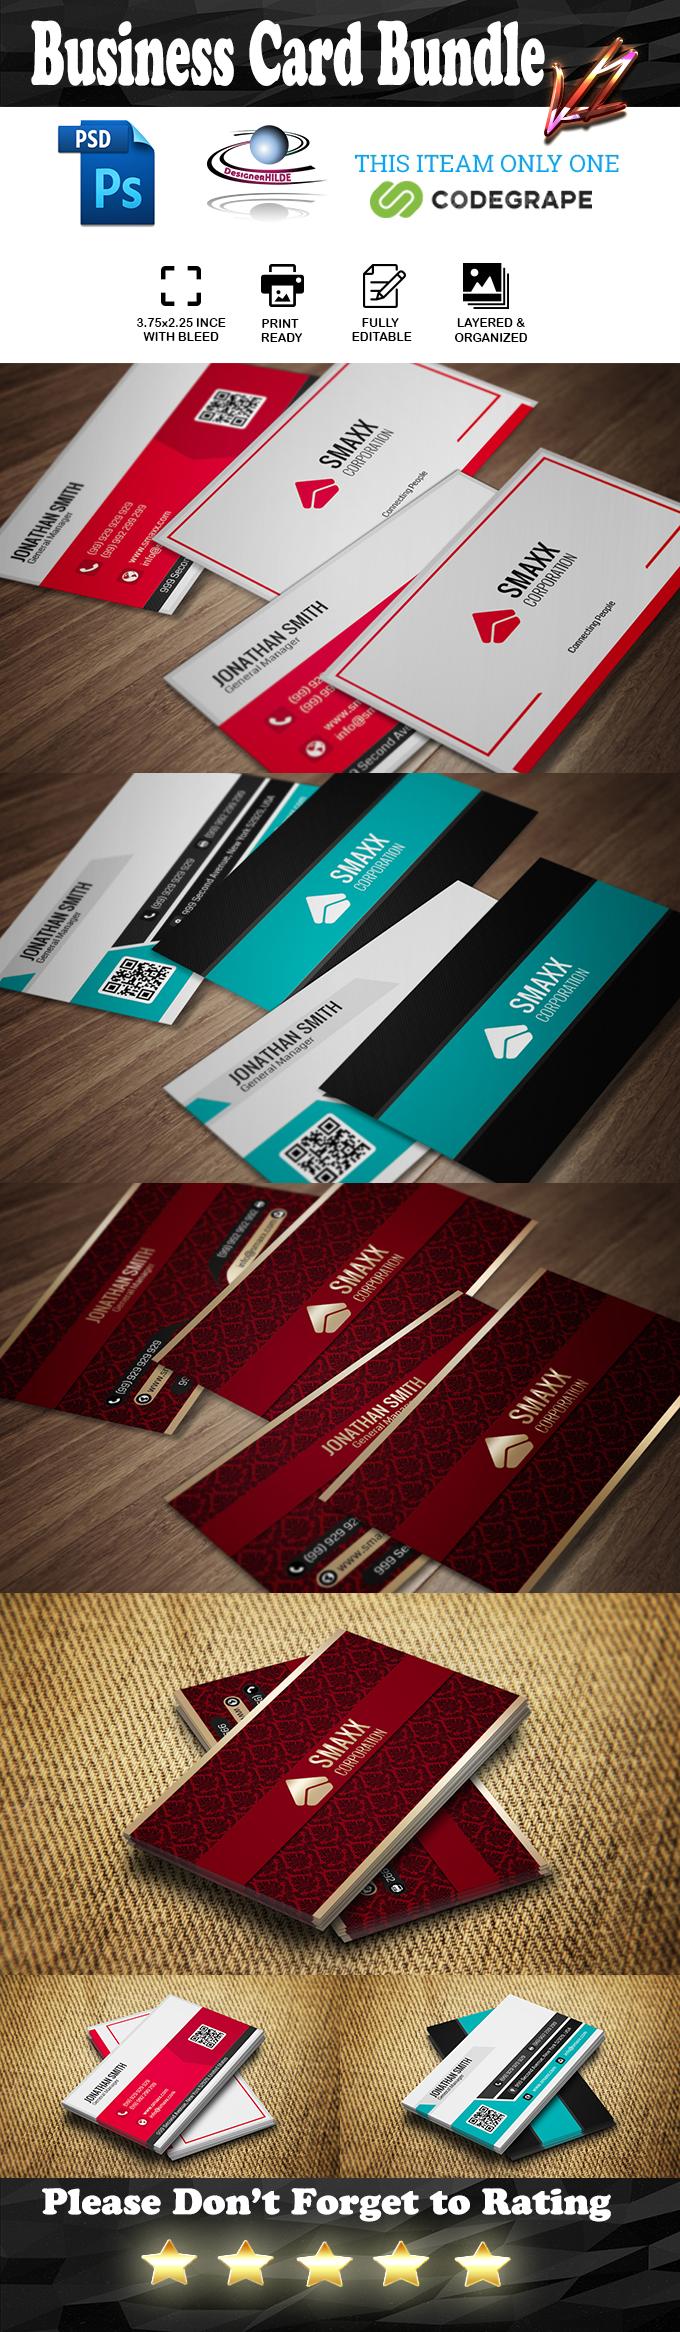 Business Card Bundle V.1